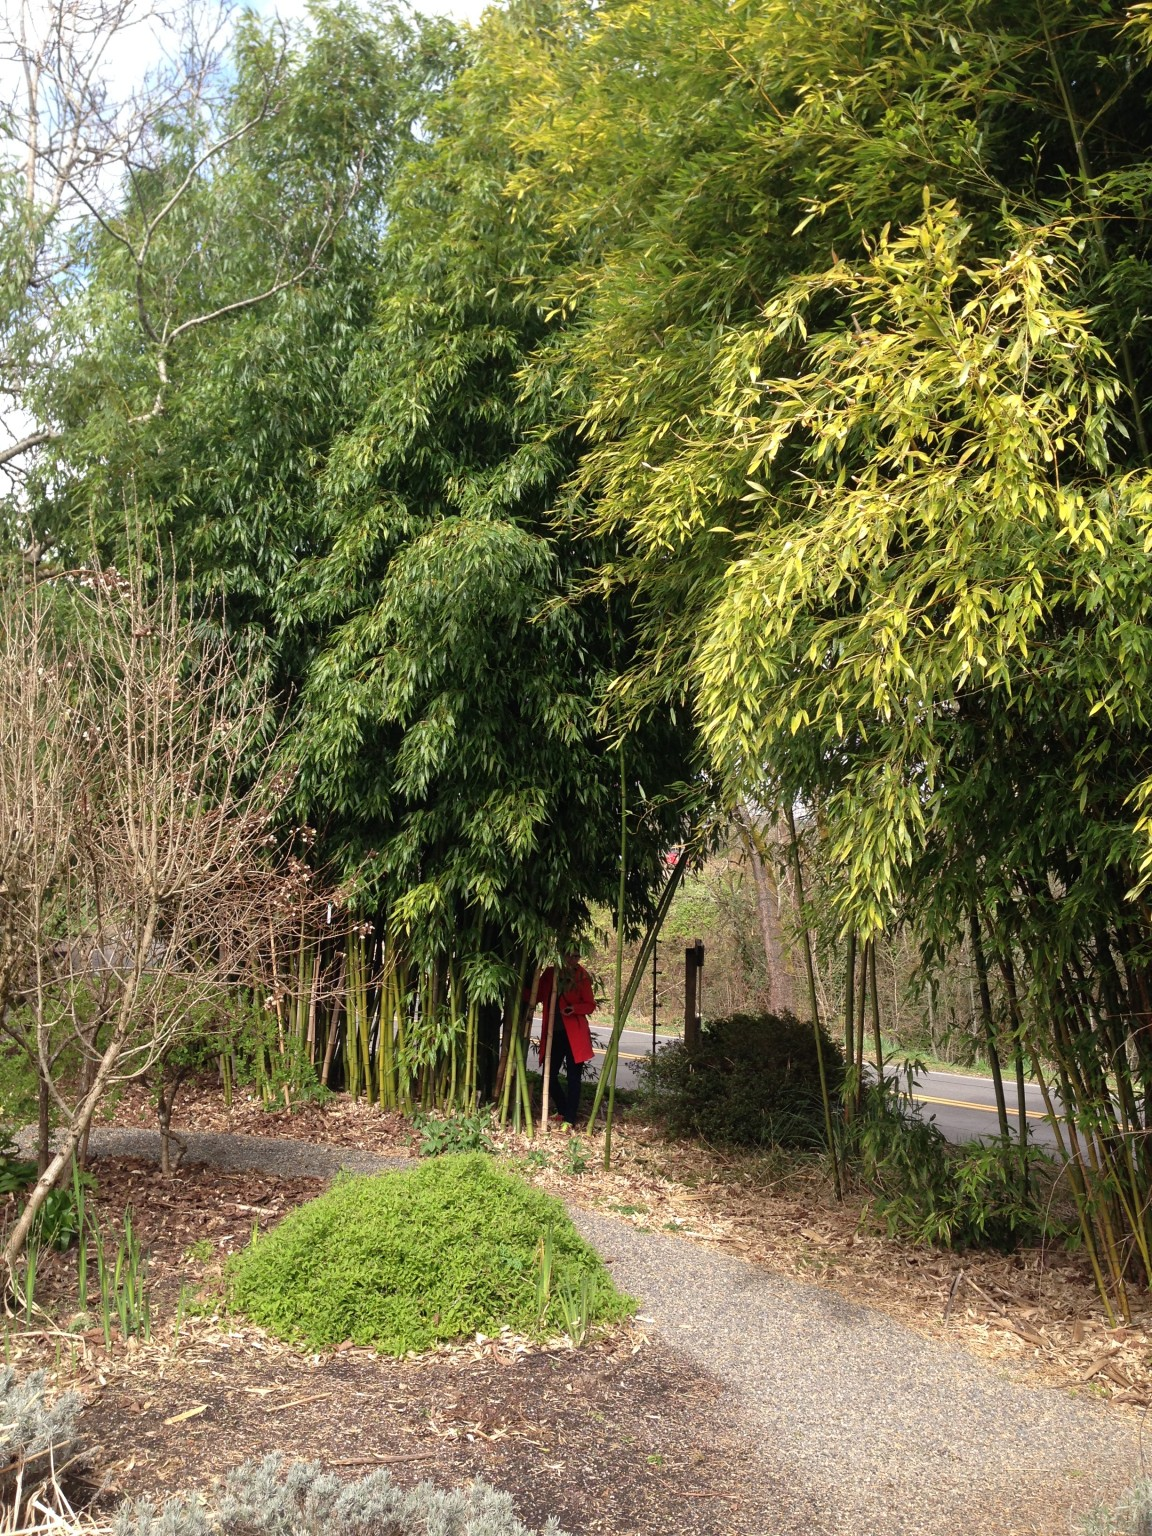 A previous visit to Joy Creek Nursery.